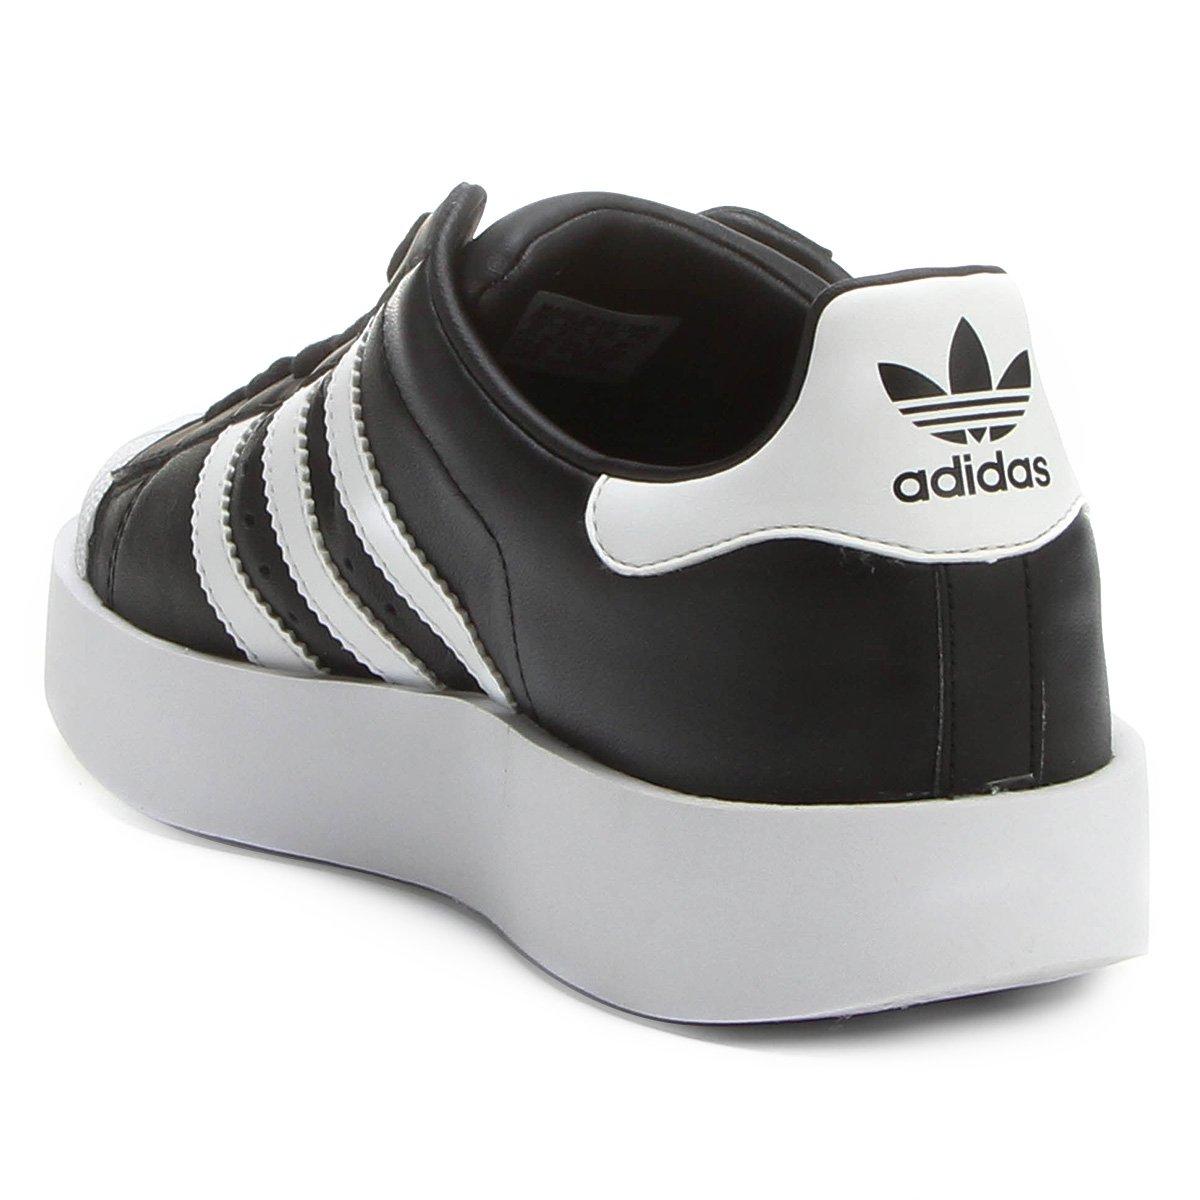 c7cb37dab8 Tênis Adidas Superstar Bold - Compre Agora